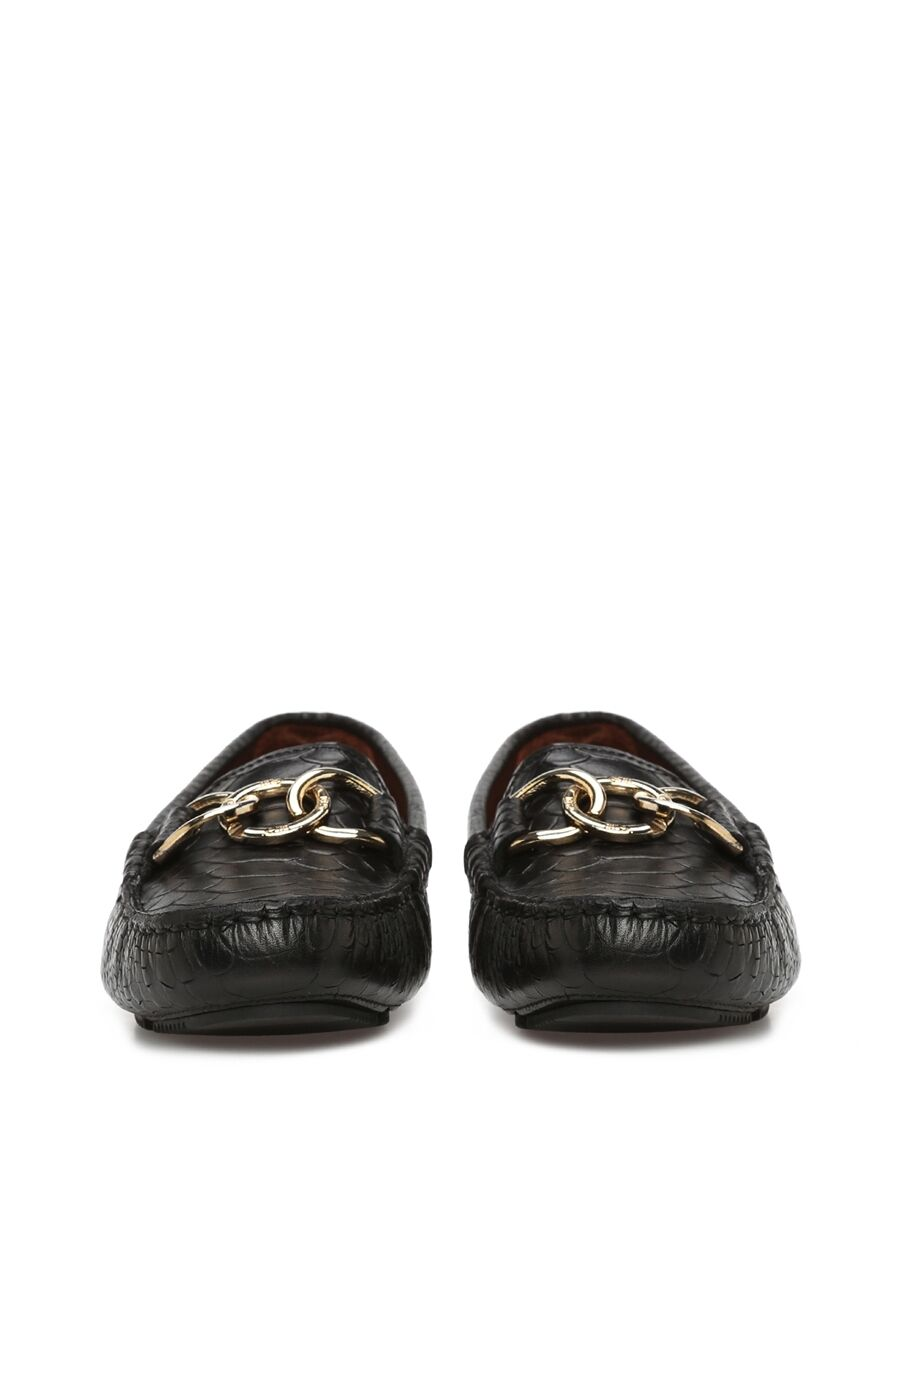 Siyah Kroko Dokulu Kadın Deri Loafer